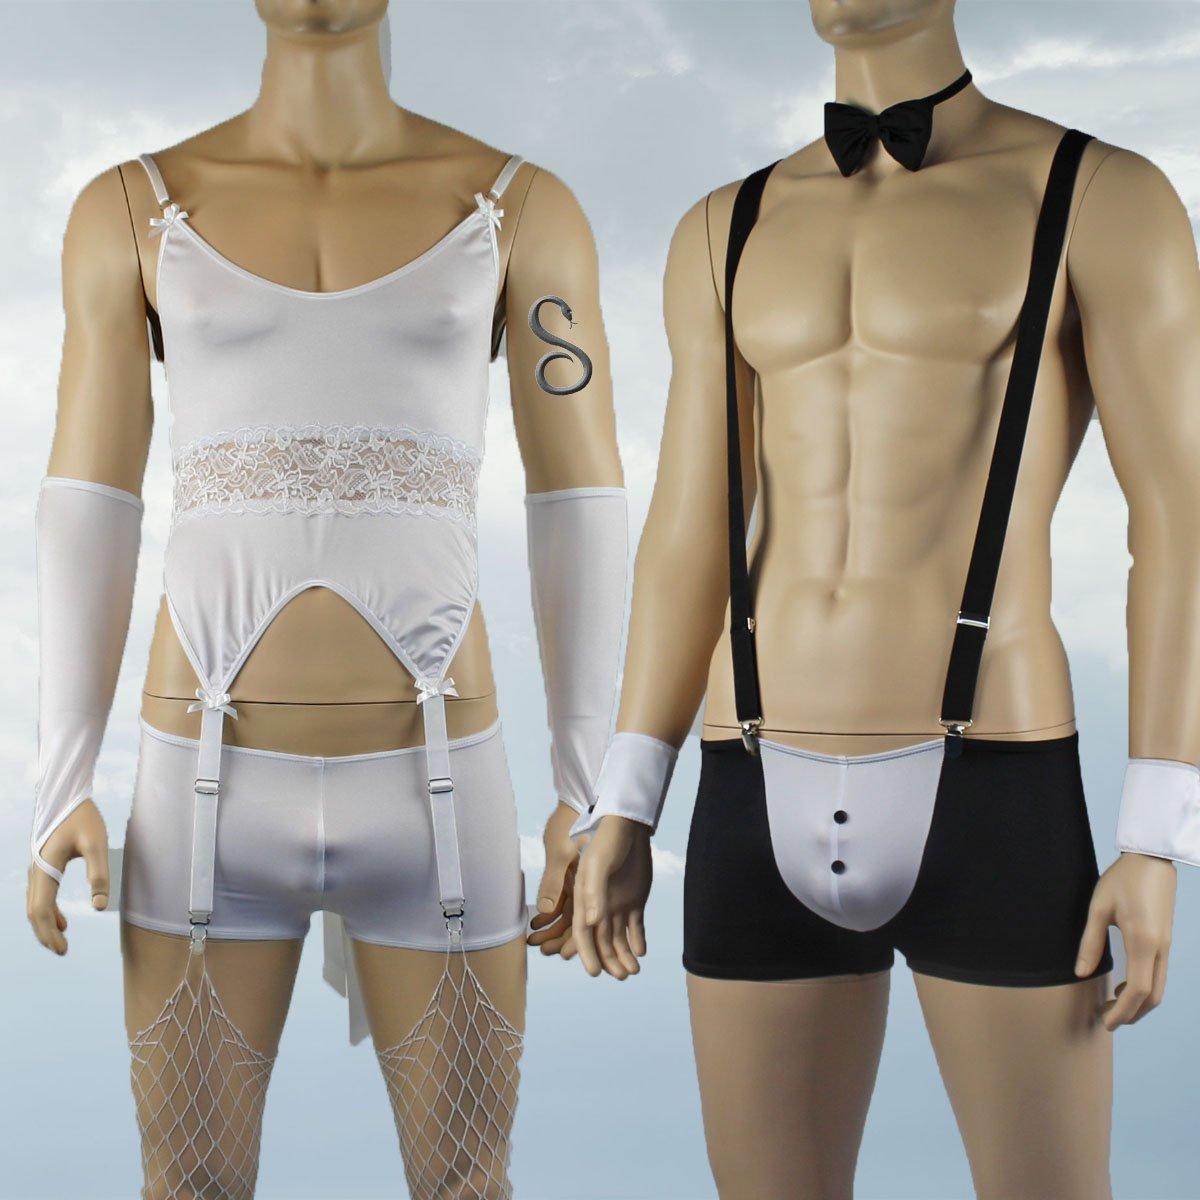 γυμνό κορίτσι pics.com